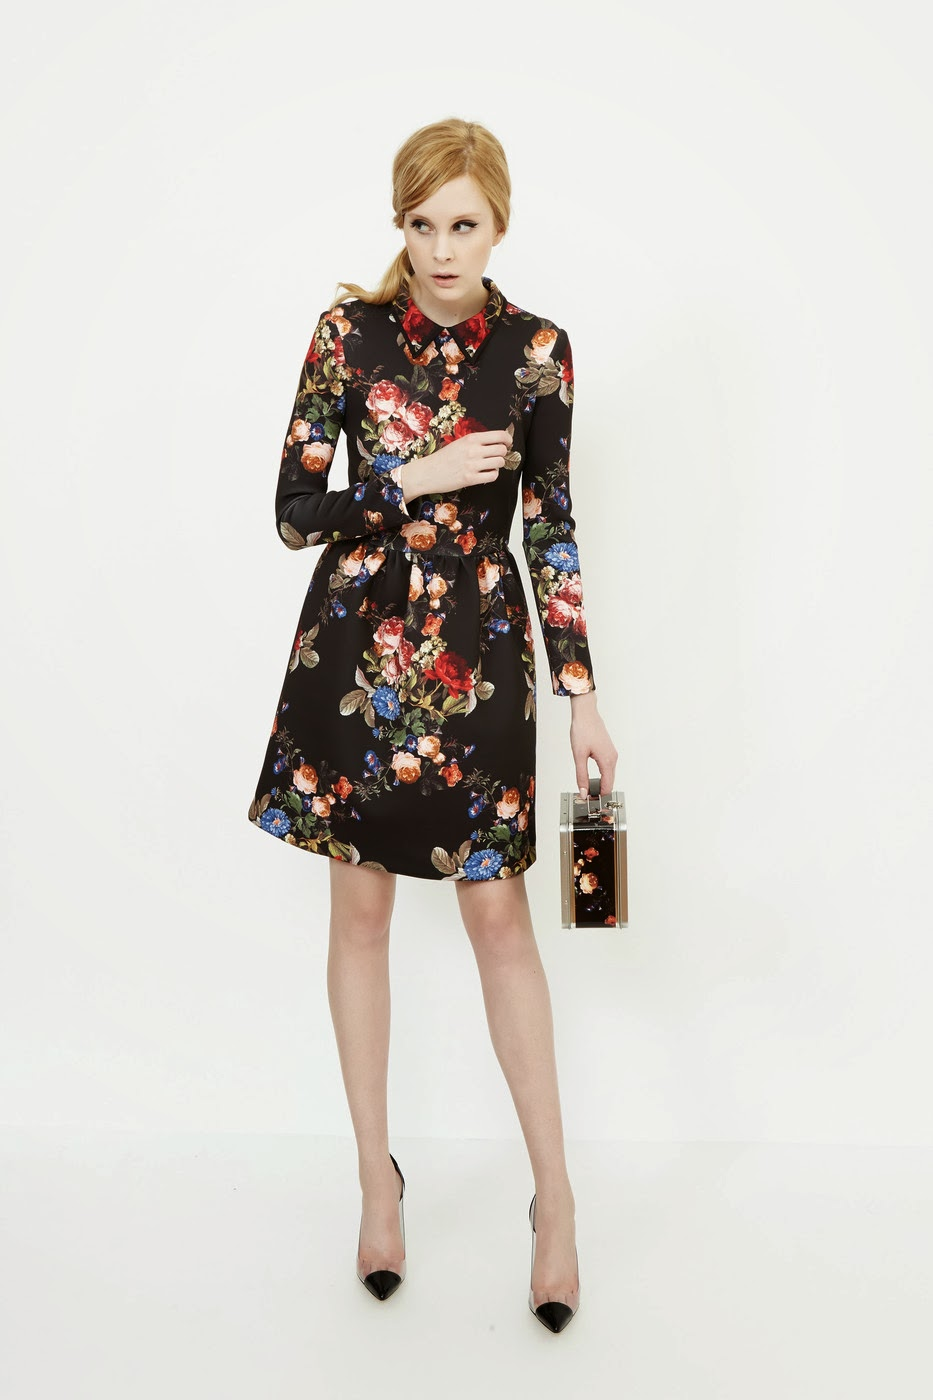 Erin fetherston fashion show Autumn/Winter 2018 Ready-To-Wear British Vogue